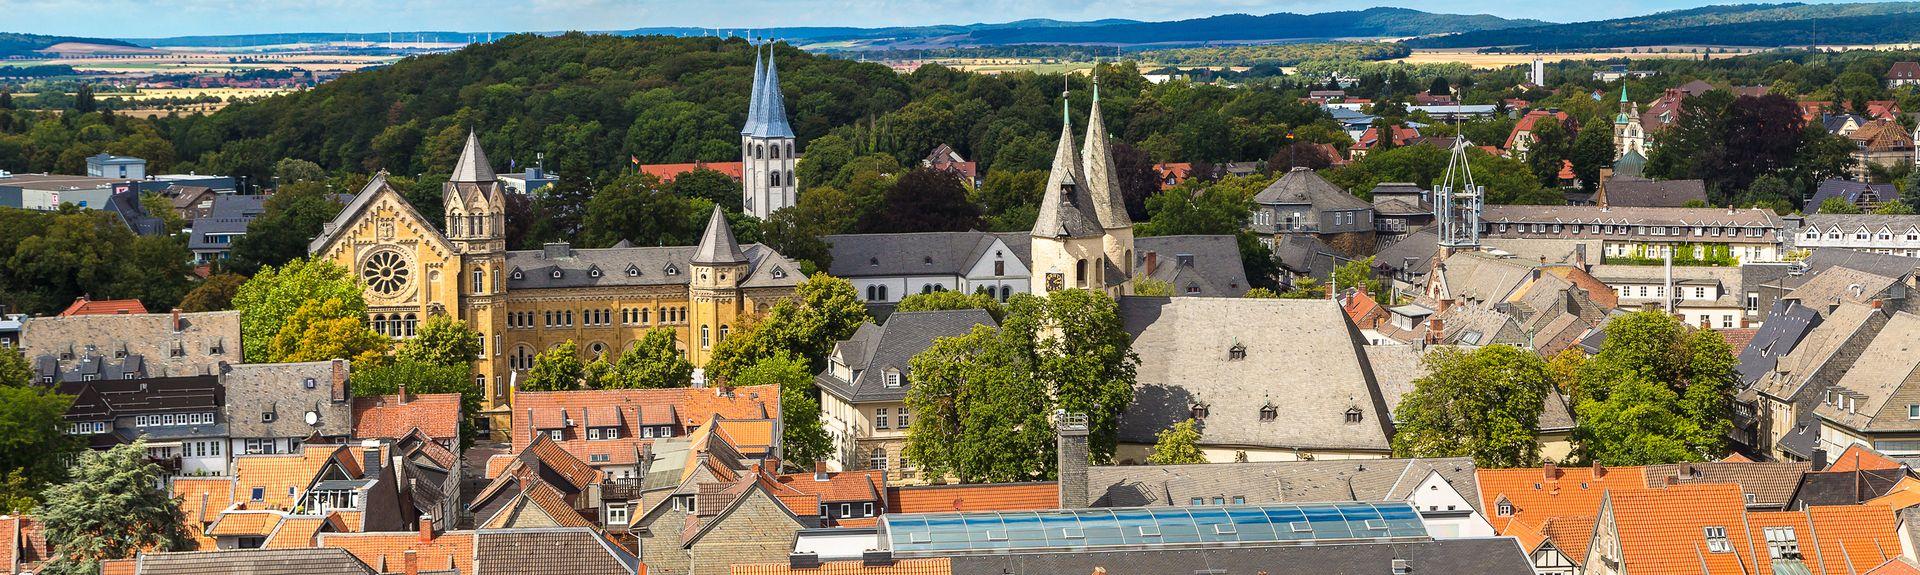 Distrito de Goslar Rural, Baja Sajonia, Alemania